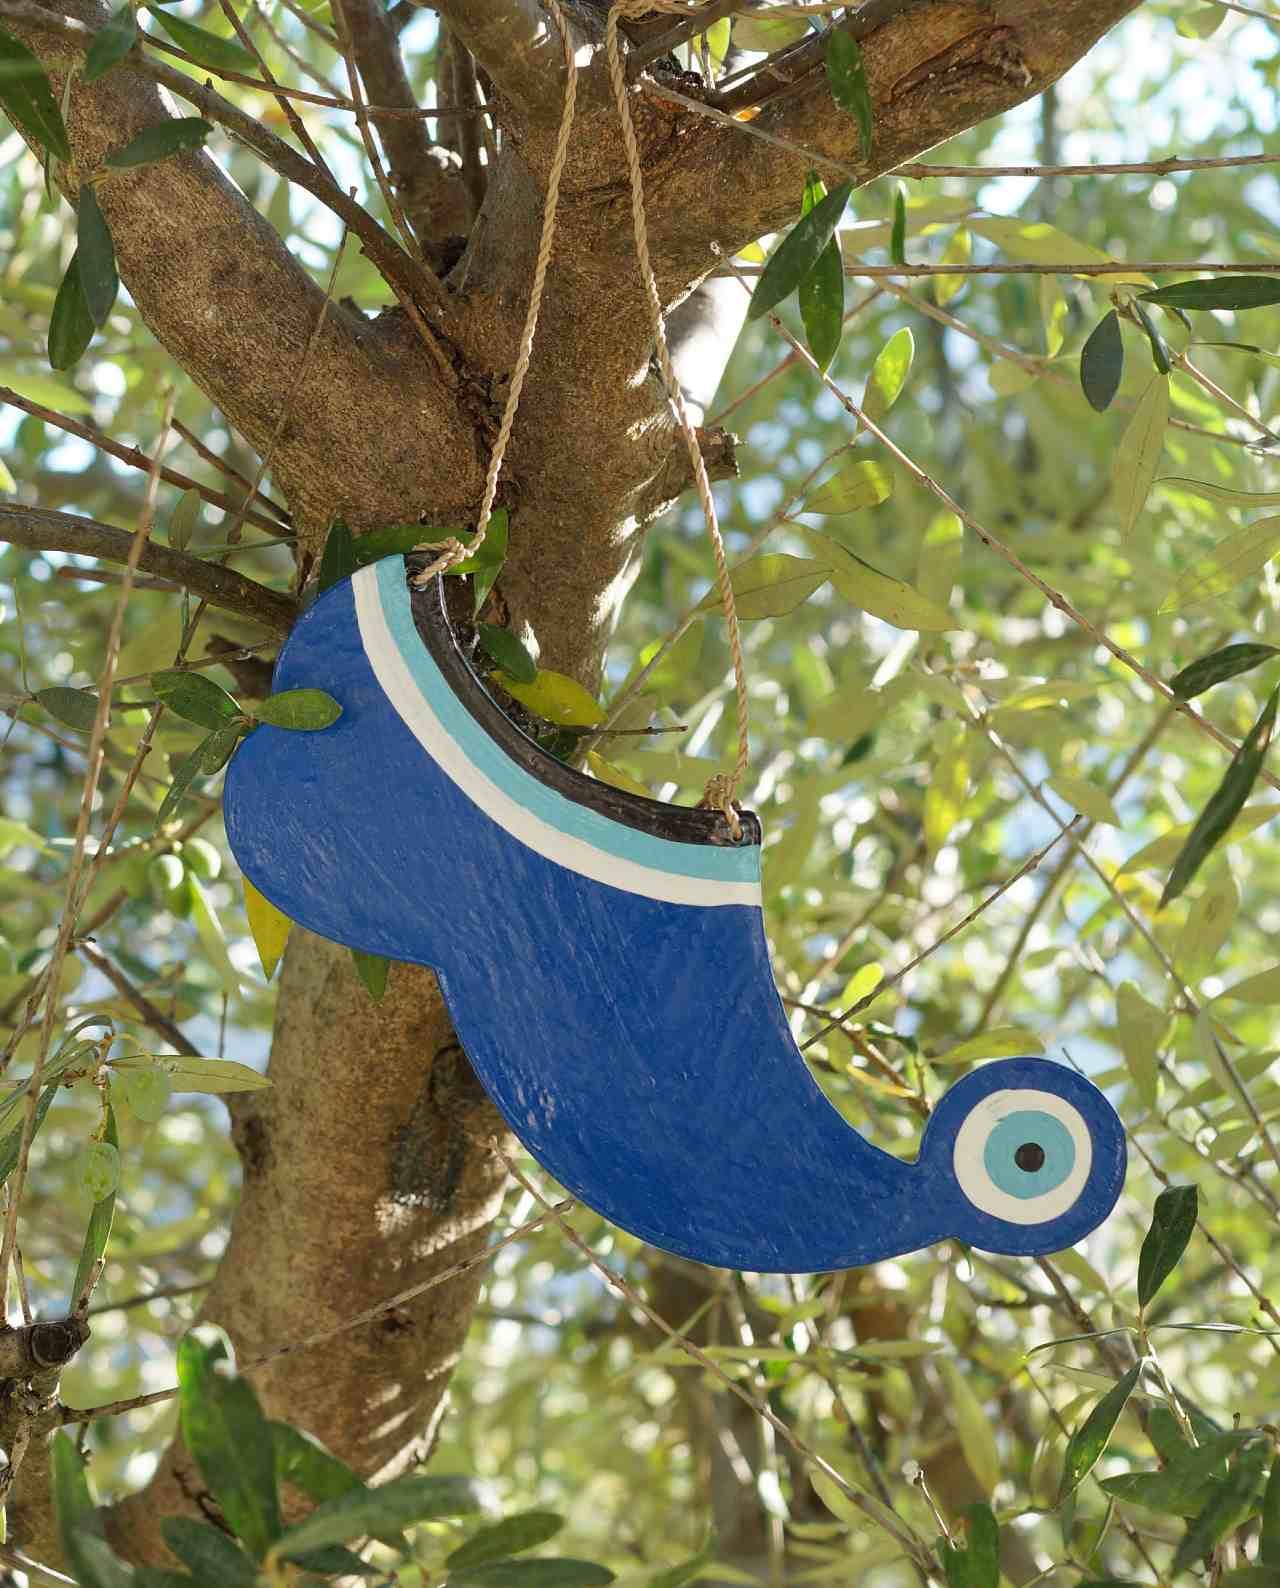 τσαρούχι μάτι μπλε ξύλινο χειροποίητο σε δέντρο ελιας